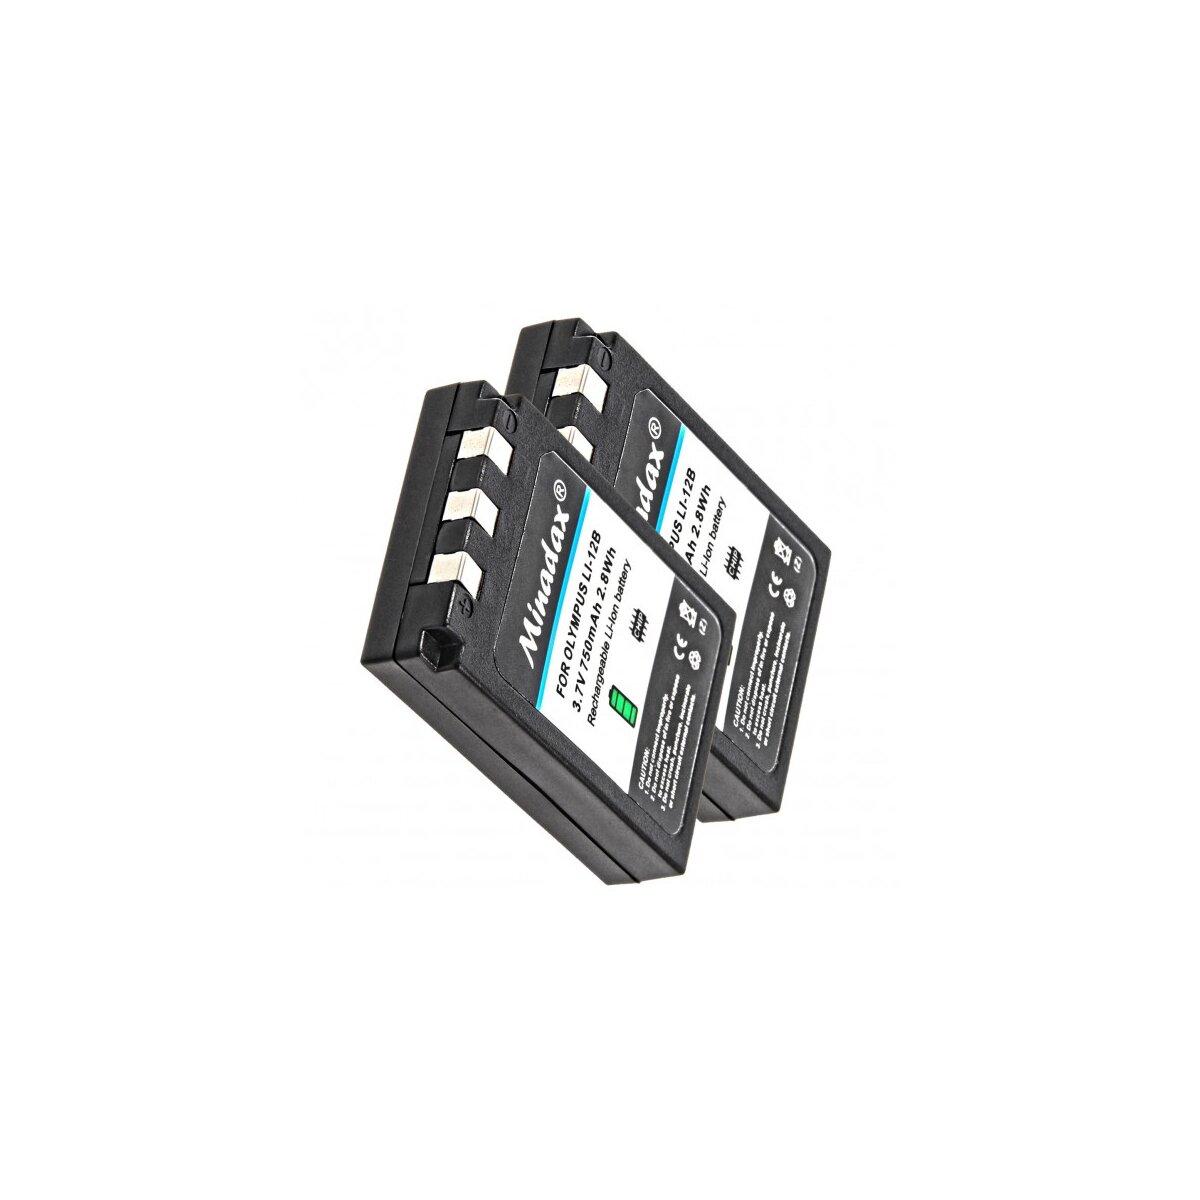 2x Minadax® Qualitaetsakku mit echten 750 mAh fuer Olympus µ 300 400 410, CAMEDIA C-50 C-5000 C-760 C-765 C-770, wie LI-12B - Intelligentes Akkusystem mit Chip